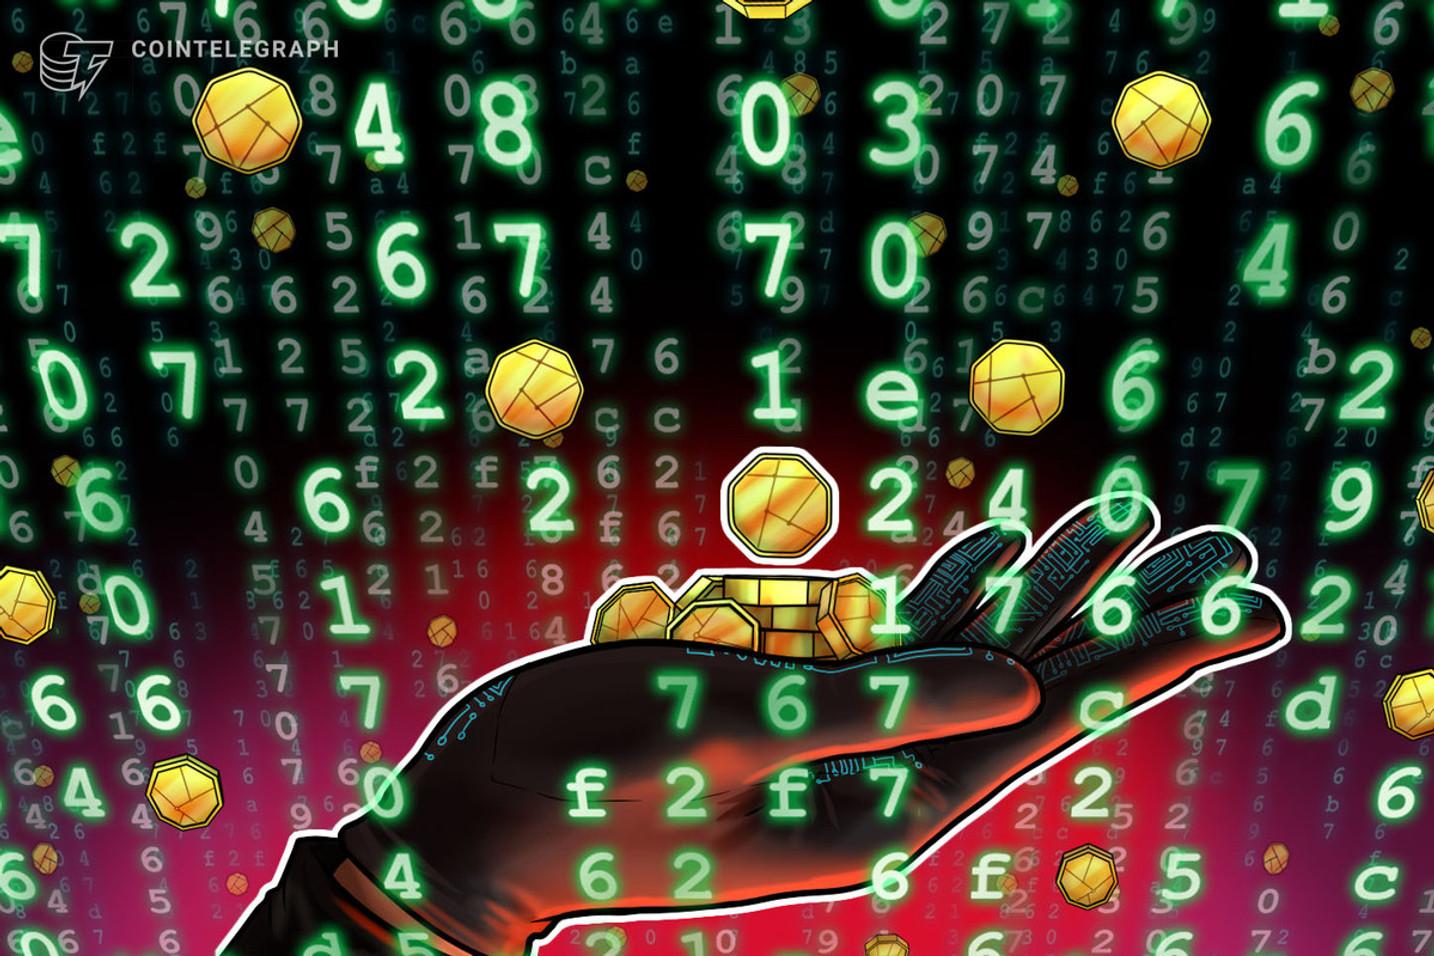 英取引所Exmoでのハッキング事件、流出した仮想通貨約400万ドルが出金される